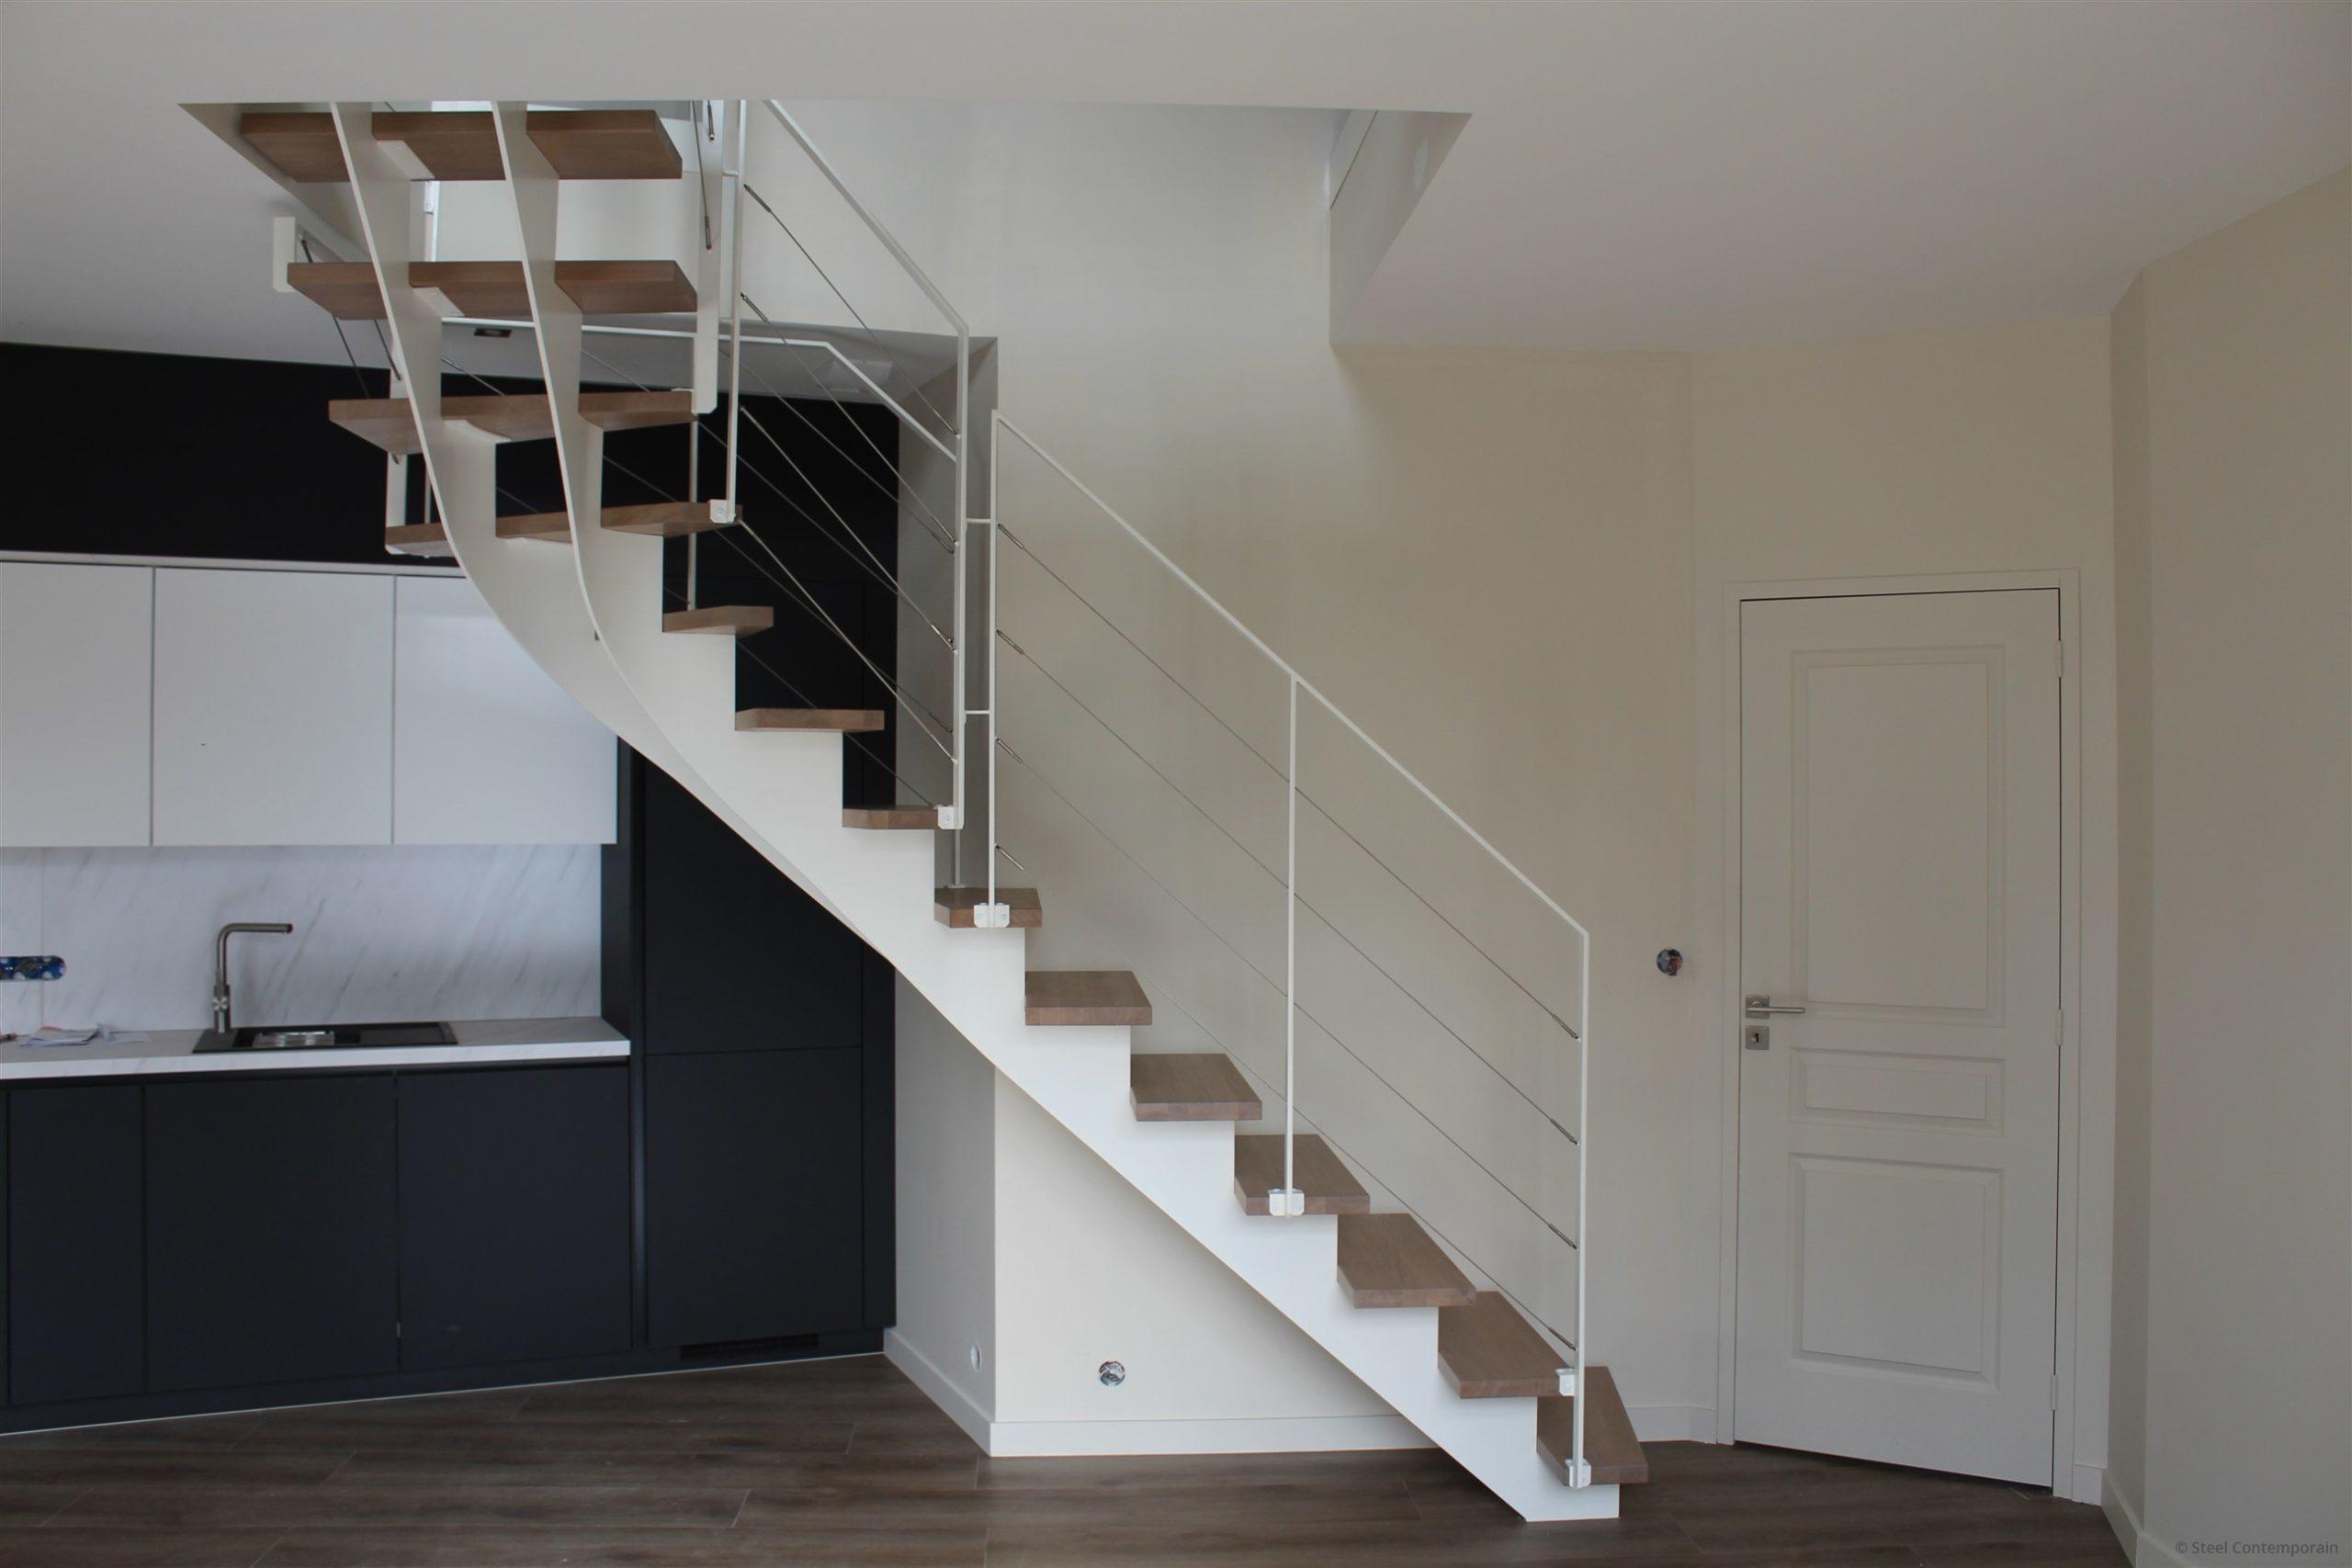 escalier design blanc acier bois chene steel contemporain (1)